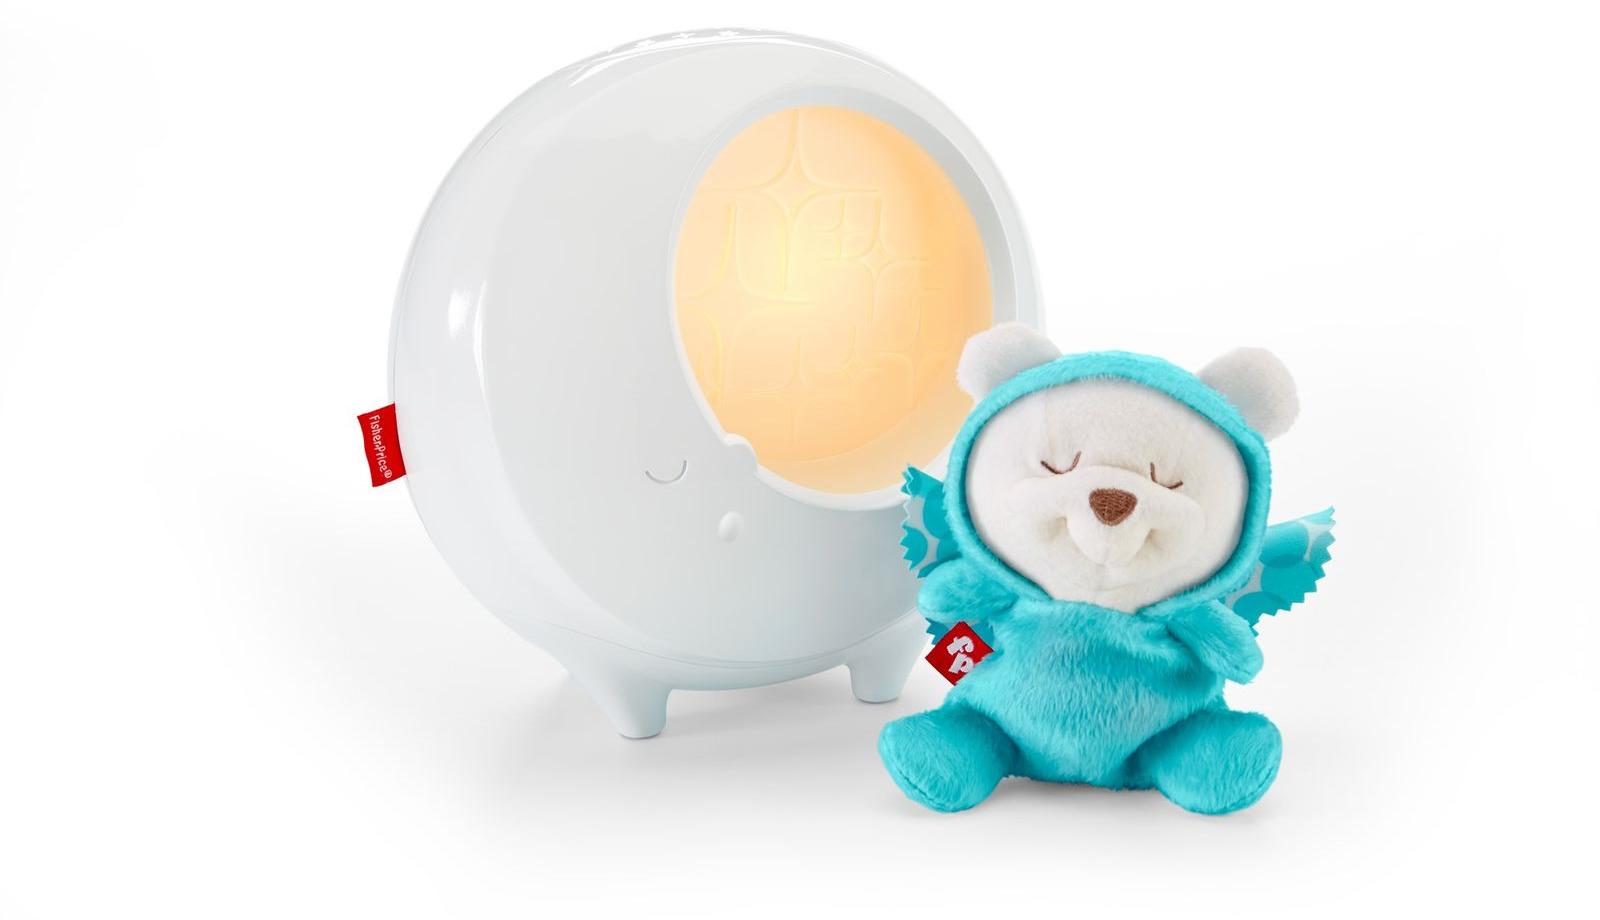 Fisher-Price Развивающая игрушка Проектор Мечты о бабочках